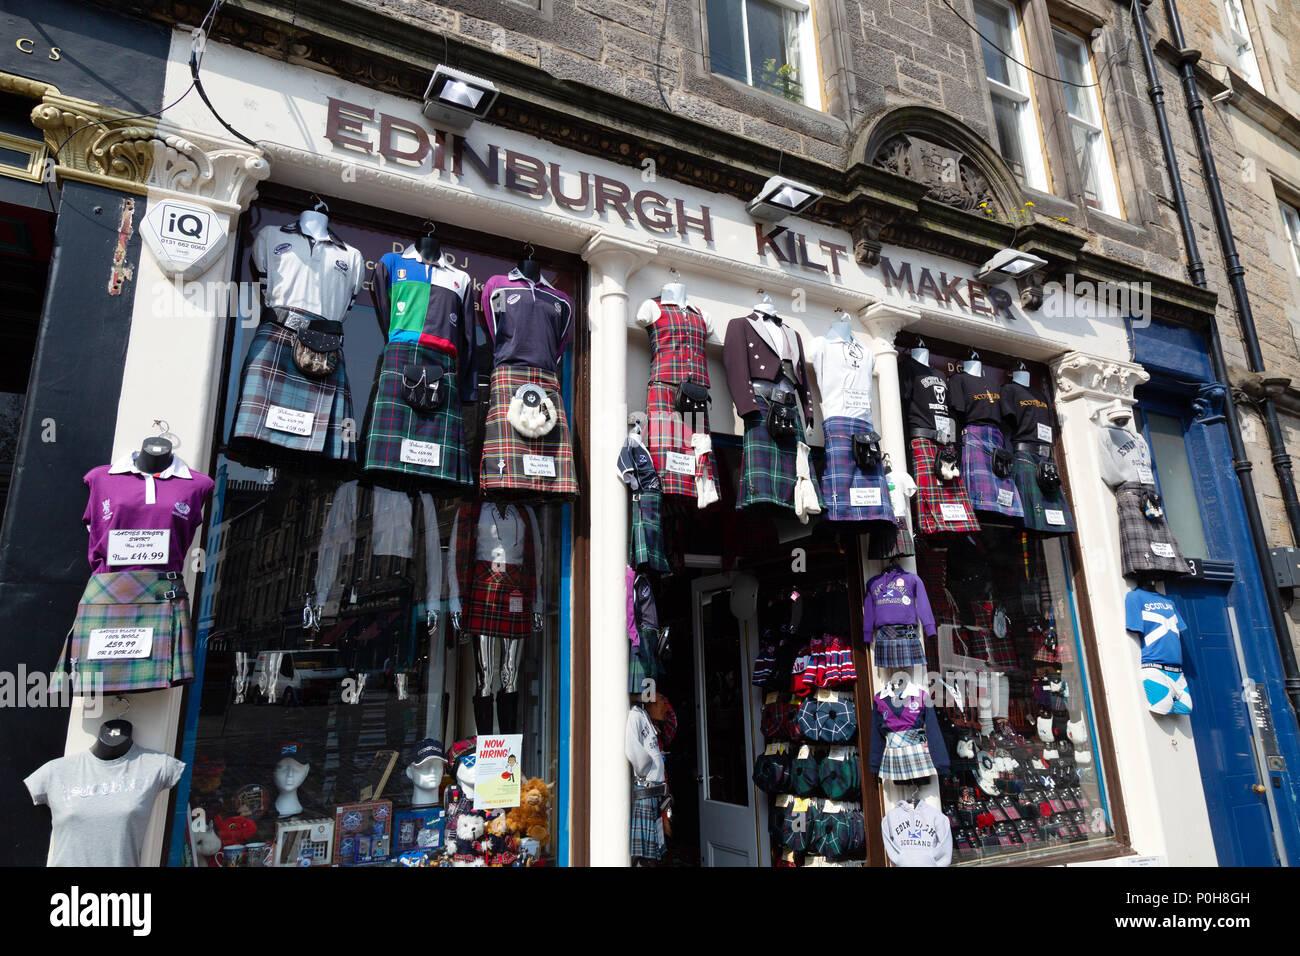 Kilt makers shop selling Scottish kilts, Grassmarket, Edinburgh Old Town,  Scotland UK Europe - Stock Image